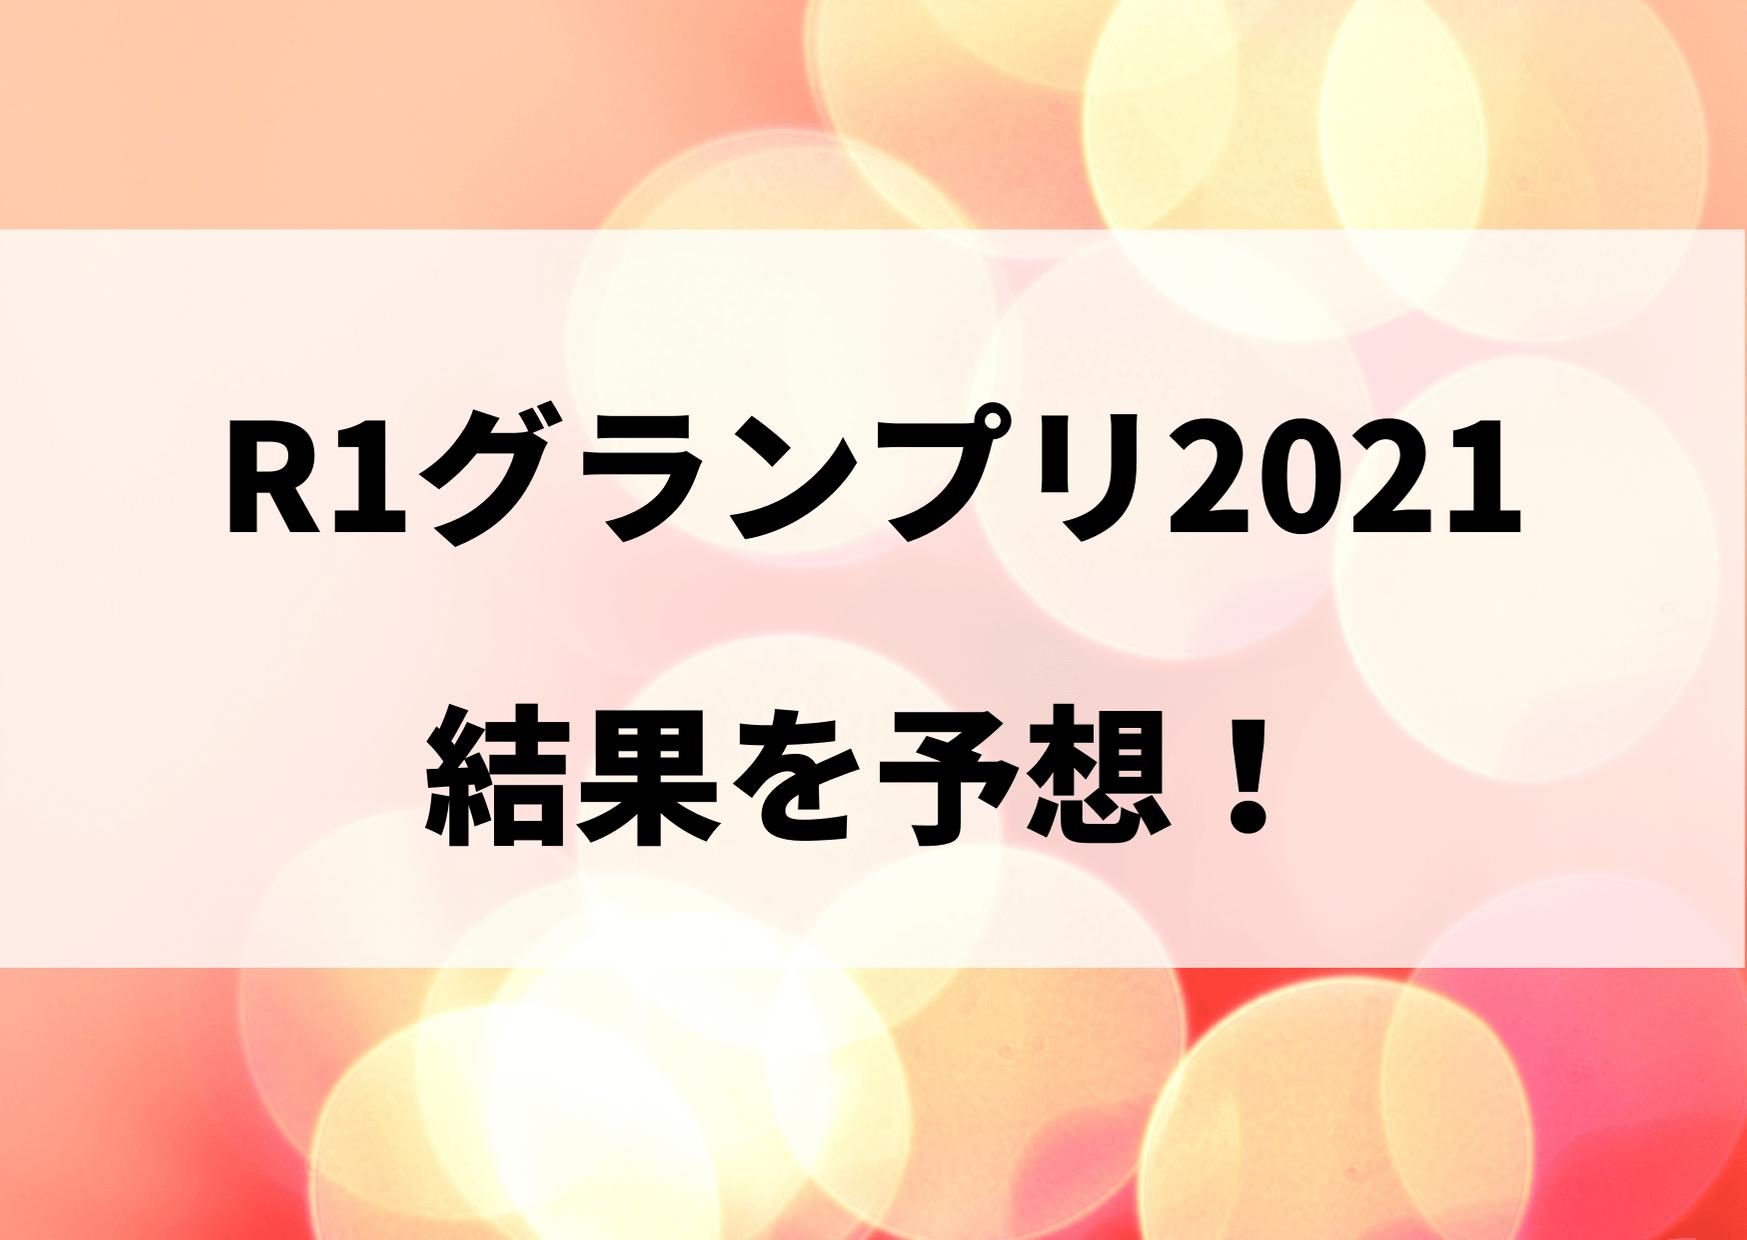 R1グランプリ 2021 予想